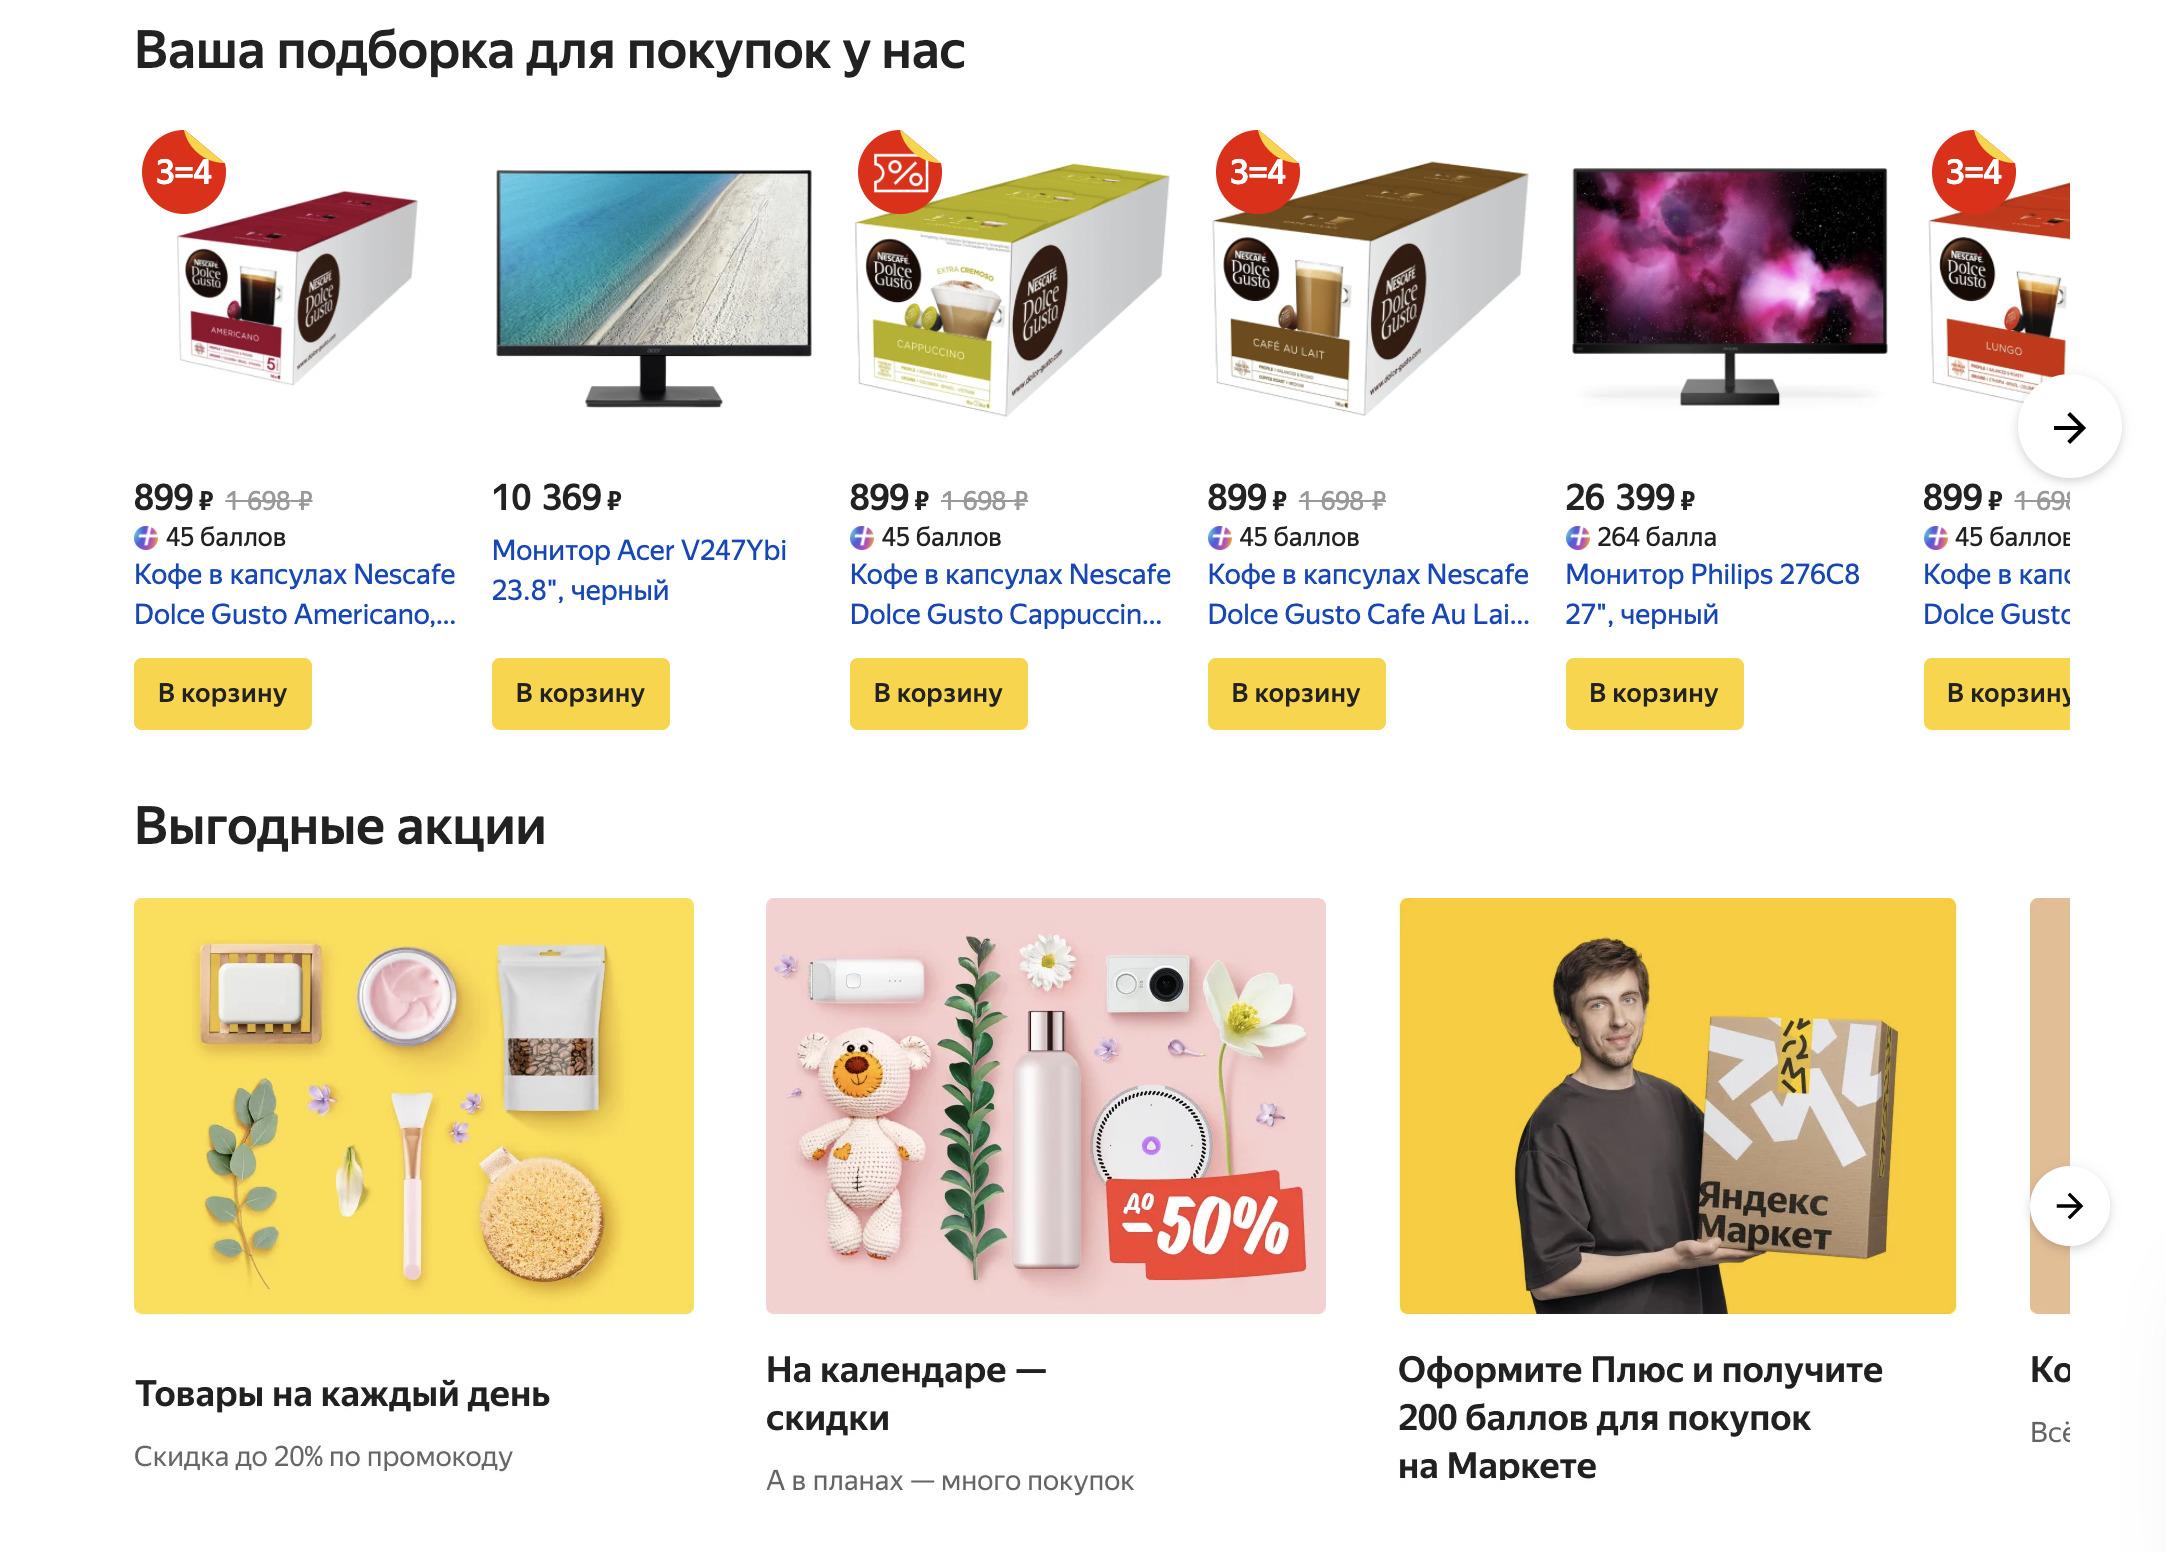 Доставка из Яндекс.Маркет в Ростовскую область, сроки, пункты выдачи, каталог